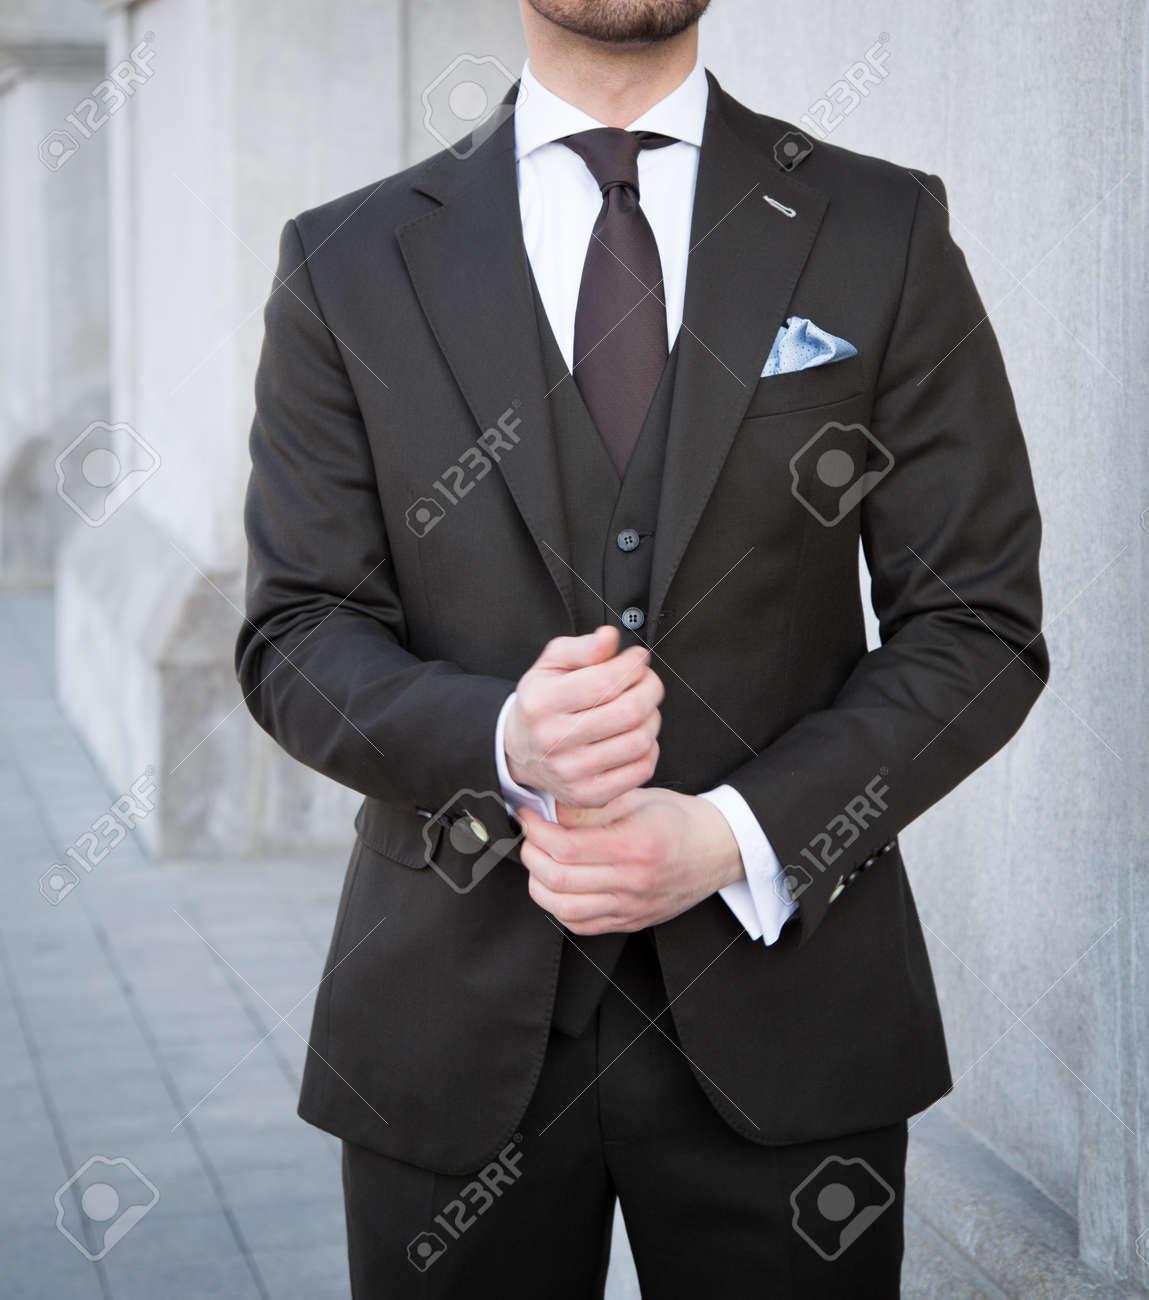 スーツ ポーズ